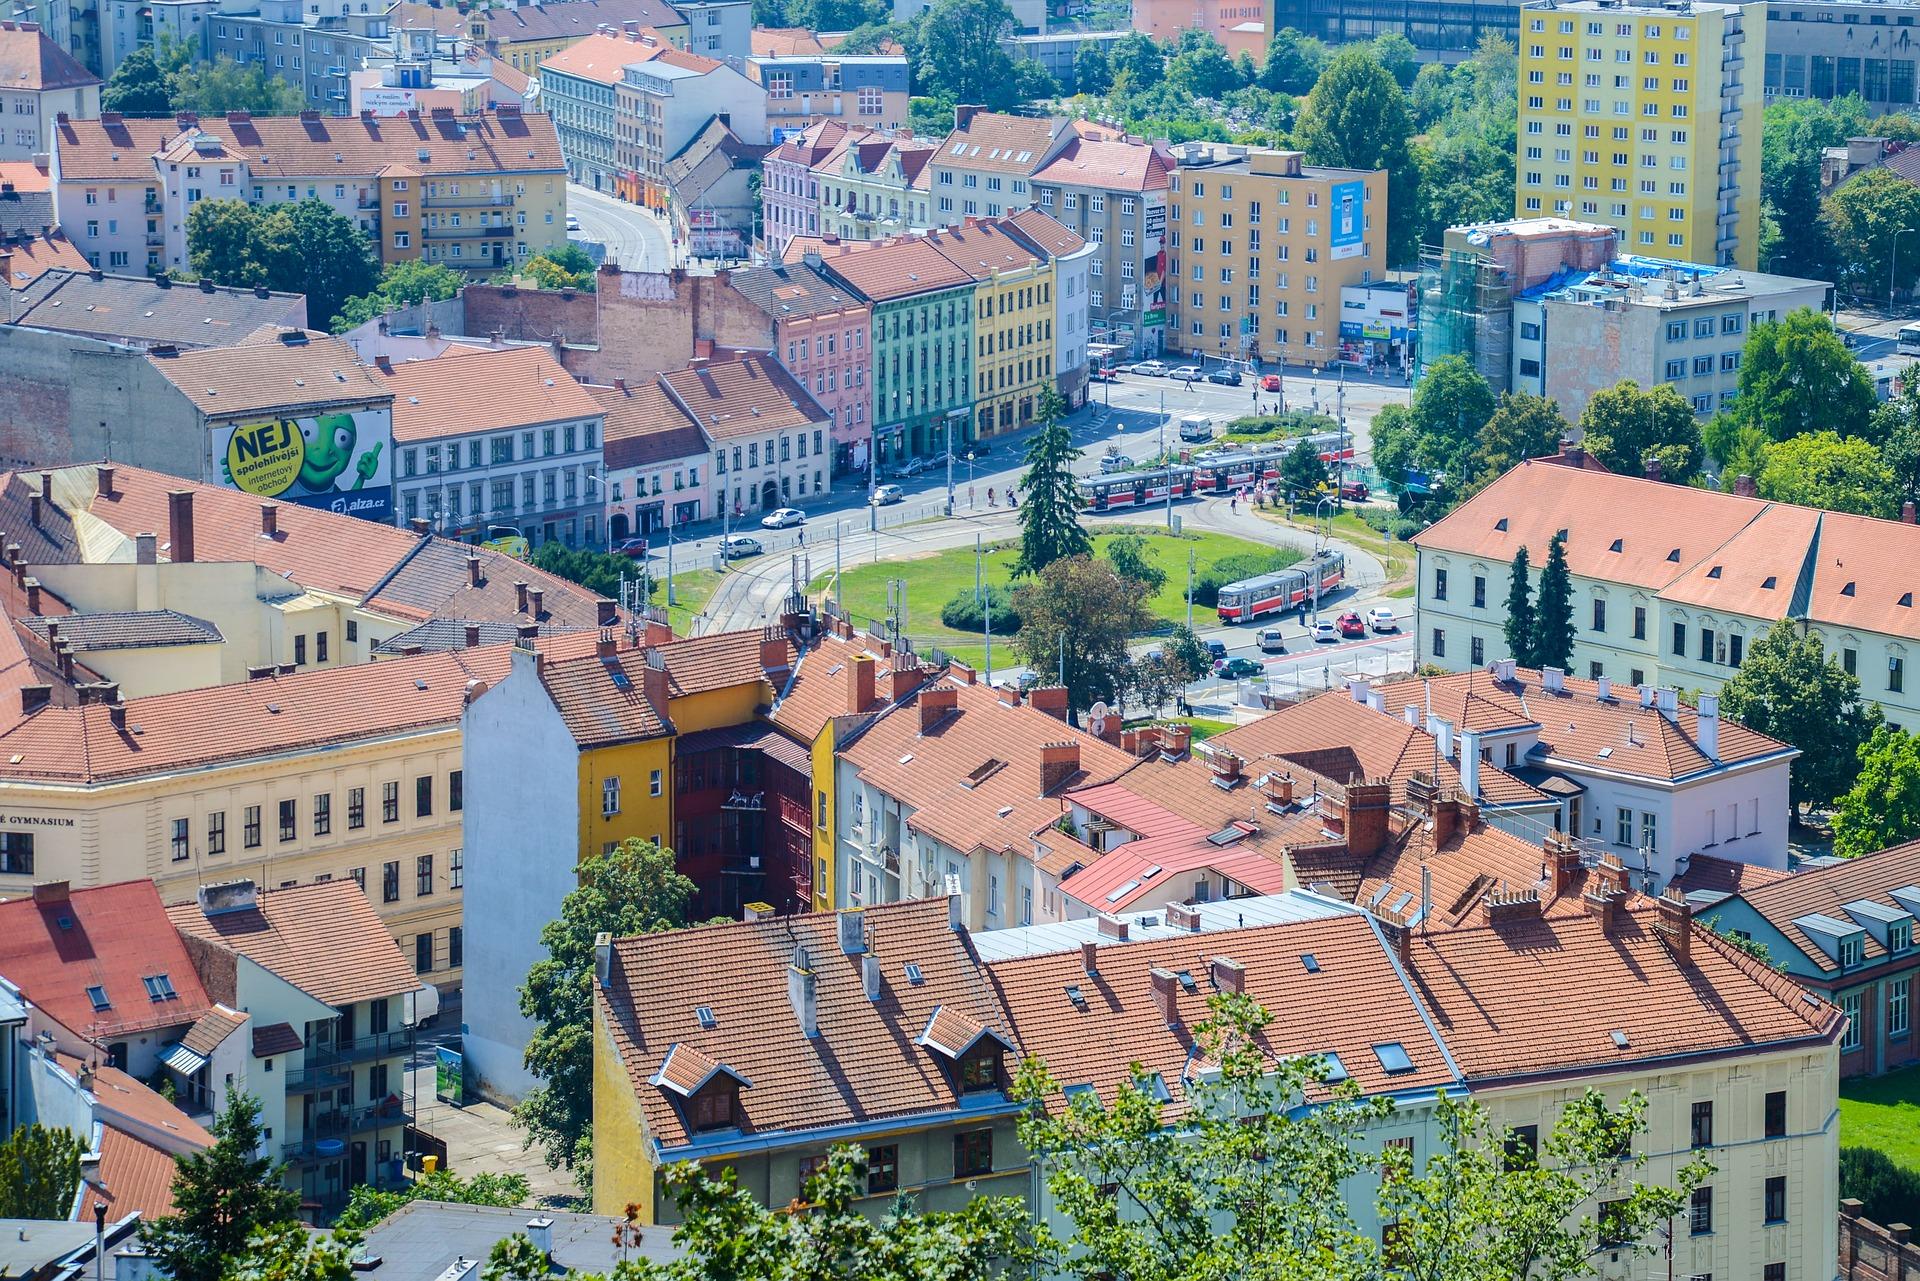 Seznamka Brno - Jihomoravsk kraj - Nhoda seznamovac